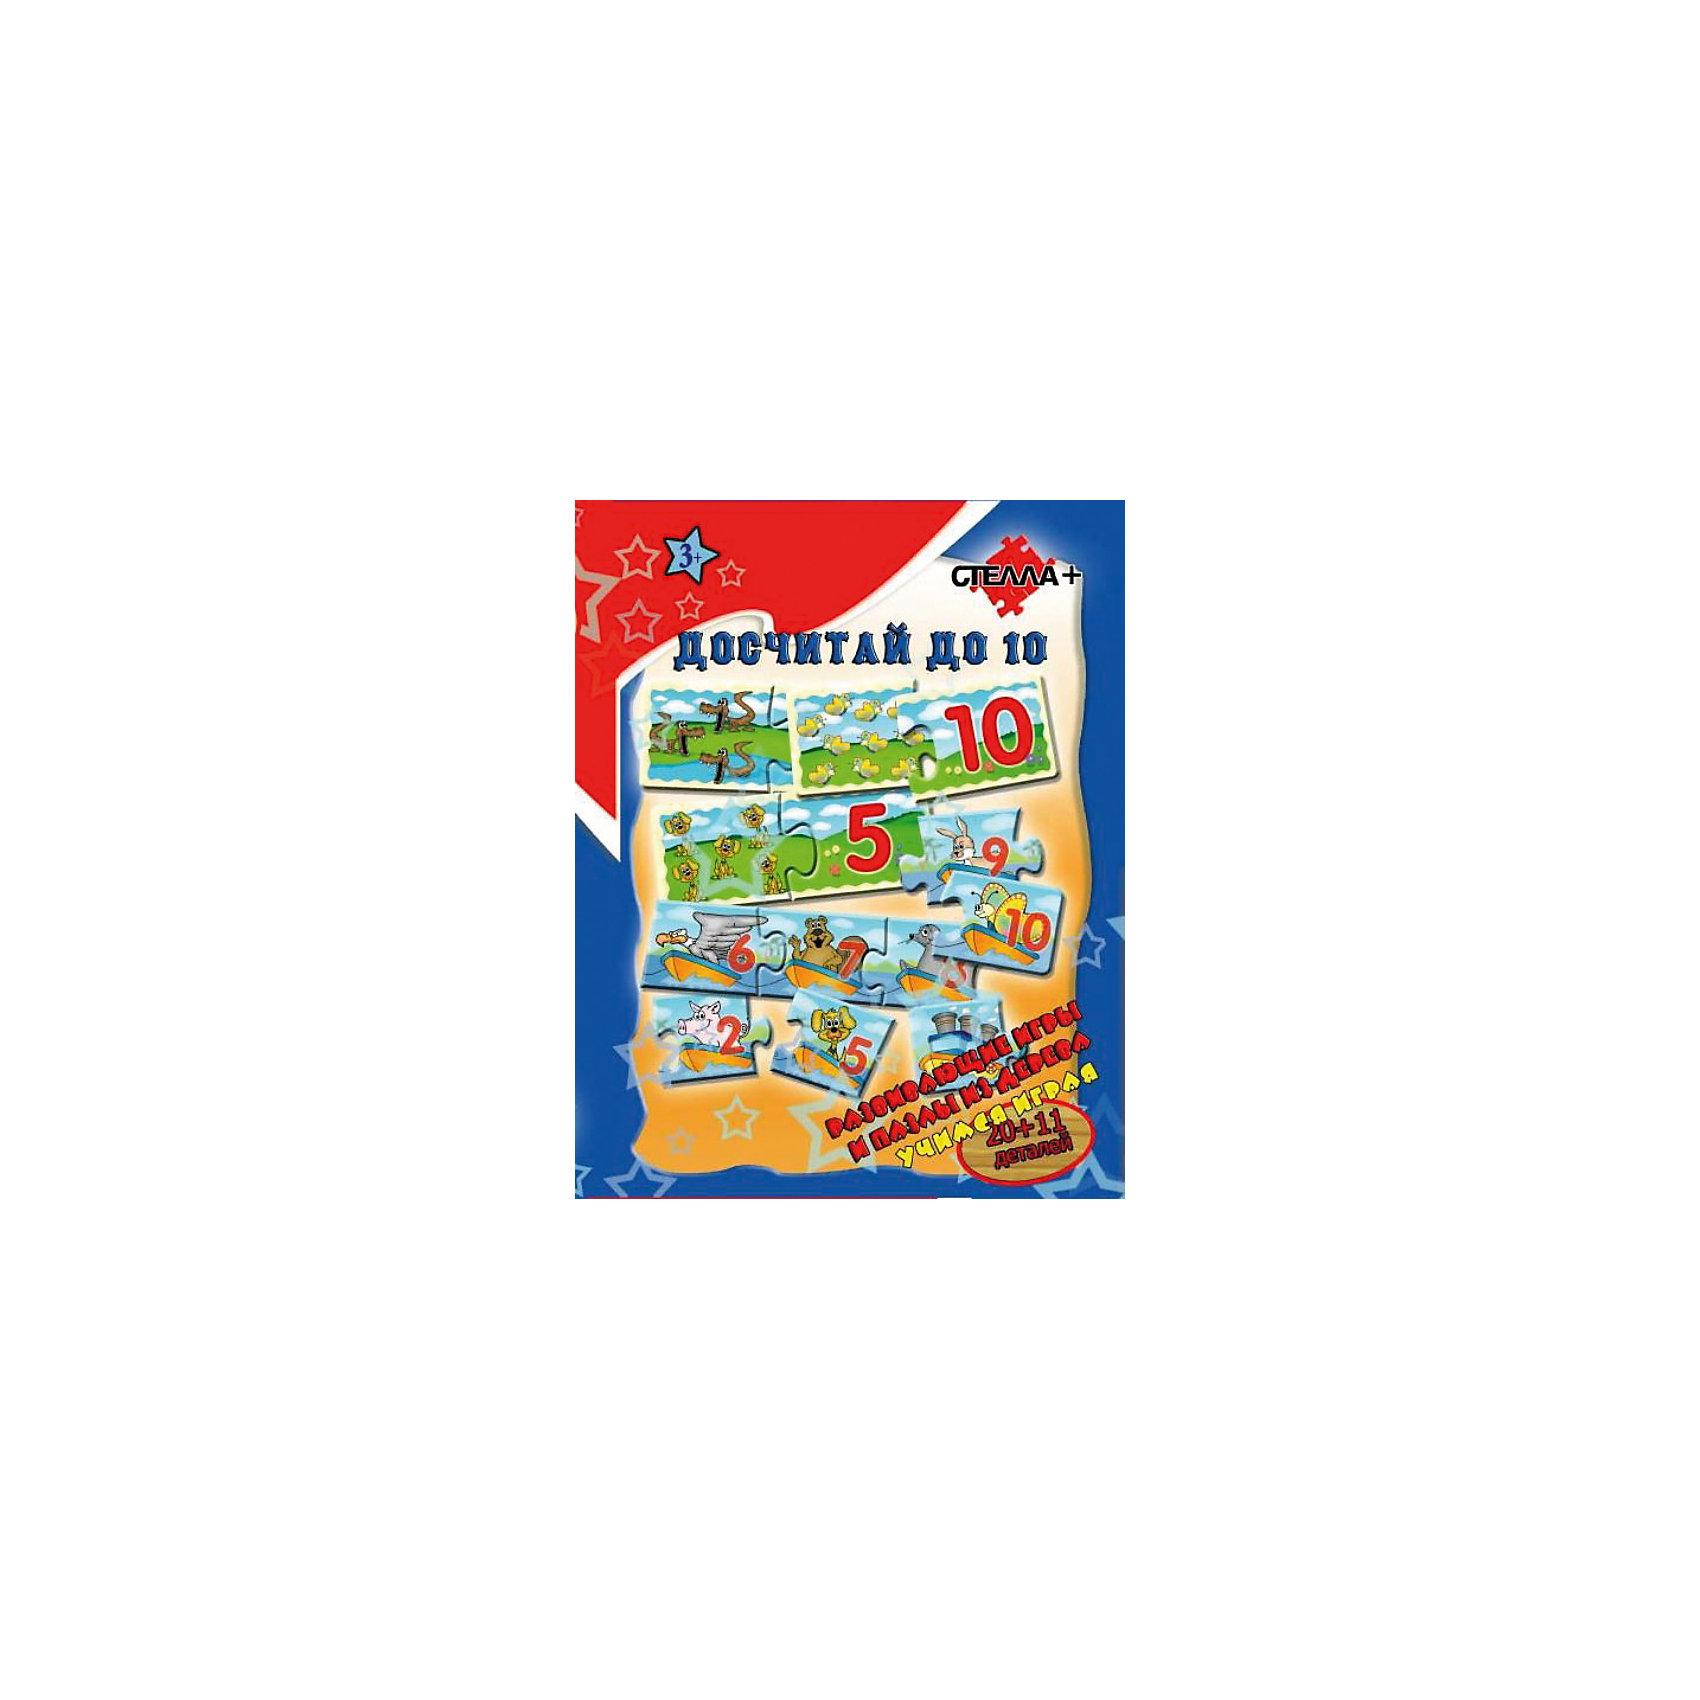 Игра  Досчитай до 10, СТЕЛЛА+Развивающие игры<br>Игра Досчитай до 10, СТЕЛЛА+<br><br>Характеристики:<br><br>• поможет научить ребенка считать до 10 в игровой форме<br>• пазлы можно соединить только в правильной последовательности<br>• материал: дерево<br>• размер упаковки: 22х16х4,5 см<br>• вес: 340 грамм<br><br>Досчитай до 10 - забавная игра-пазл, которая поможет вашему малышу научиться считать. В процессе игры ребенку предстоит собрать пазл по порядку. Для этого нужно посчитать количество животных на одной детали и соединить ее с другой деталью с соответствующей цифрой. Примечательно, что все детали подходят только к своим картинкам. Это исключит ошибку и поможет малышу правильно разобраться в игре. Во втором пазле нужно соединить цифры в правильном порядке - получится веселая картинка животными в лодках. Играя в эти пазлы, малыш с радостью научится считать до десяти!<br><br>Игру Досчитай до 10, СТЕЛЛА+ можно купить в нашем интернет-магазине.<br><br>Ширина мм: 220<br>Глубина мм: 160<br>Высота мм: 45<br>Вес г: 340<br>Возраст от месяцев: 36<br>Возраст до месяцев: 120<br>Пол: Унисекс<br>Возраст: Детский<br>SKU: 2328296